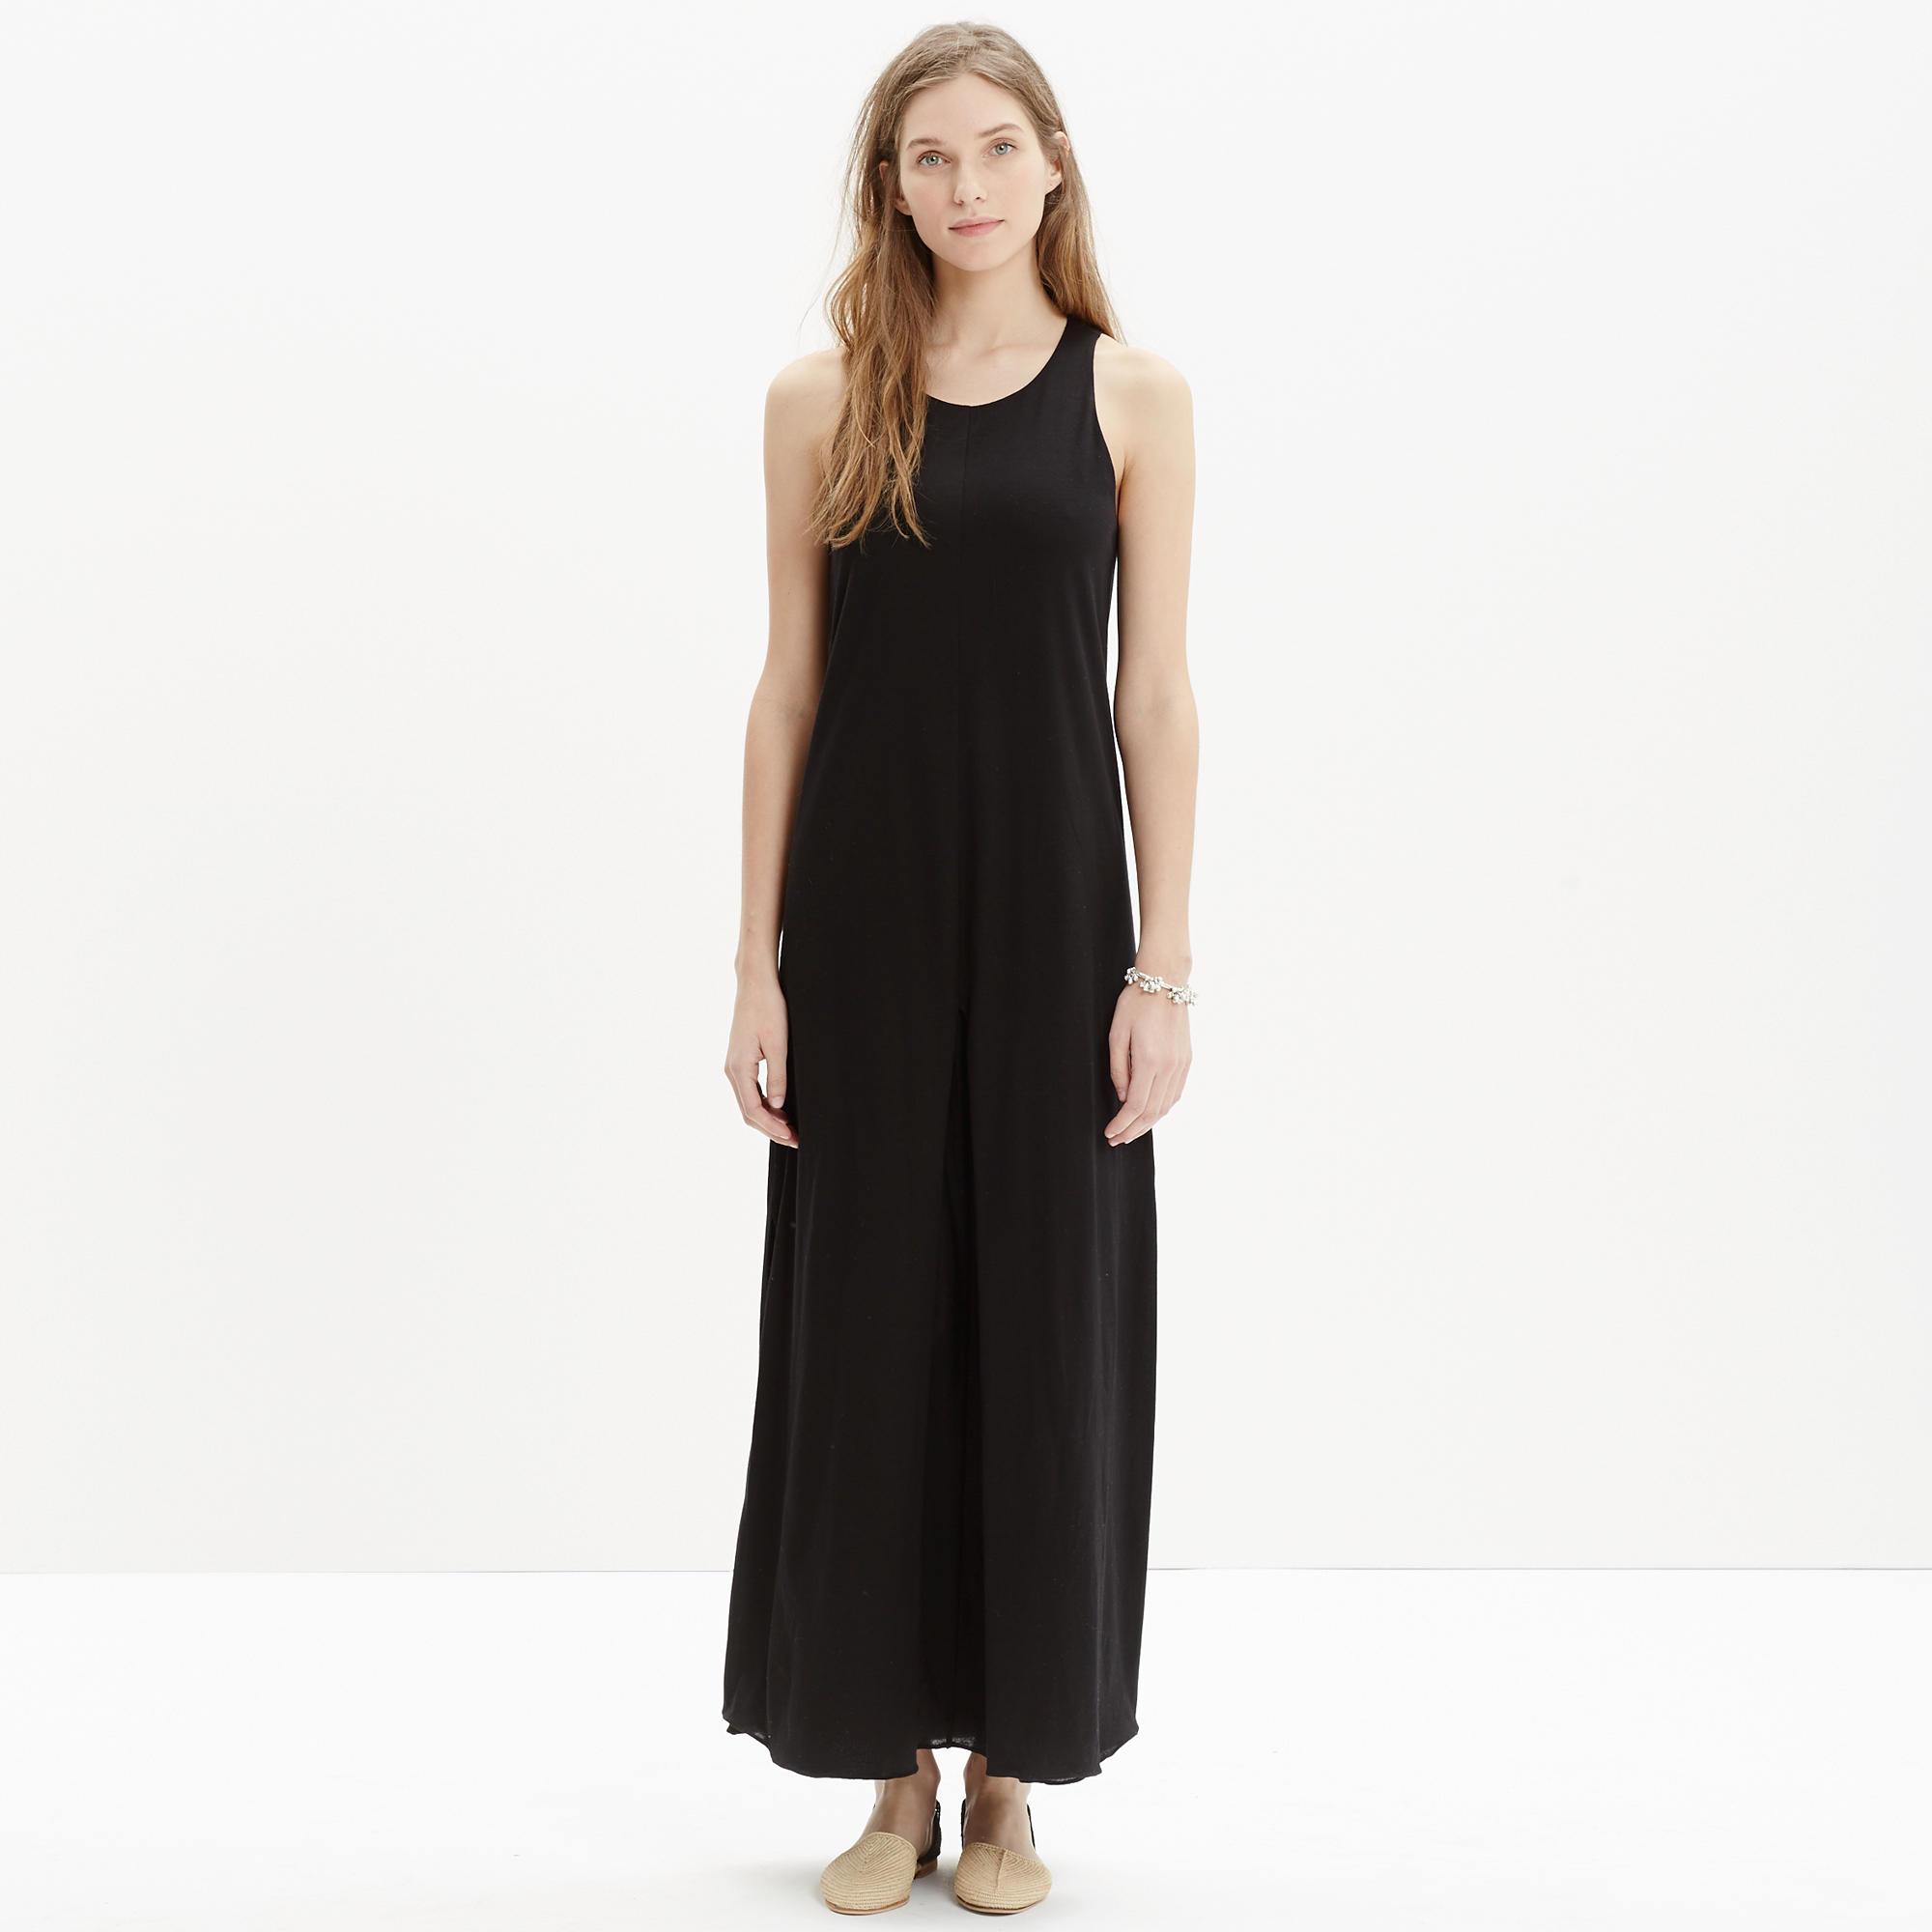 Tank Maxi Dress : midi & maxi dresses | Madewell